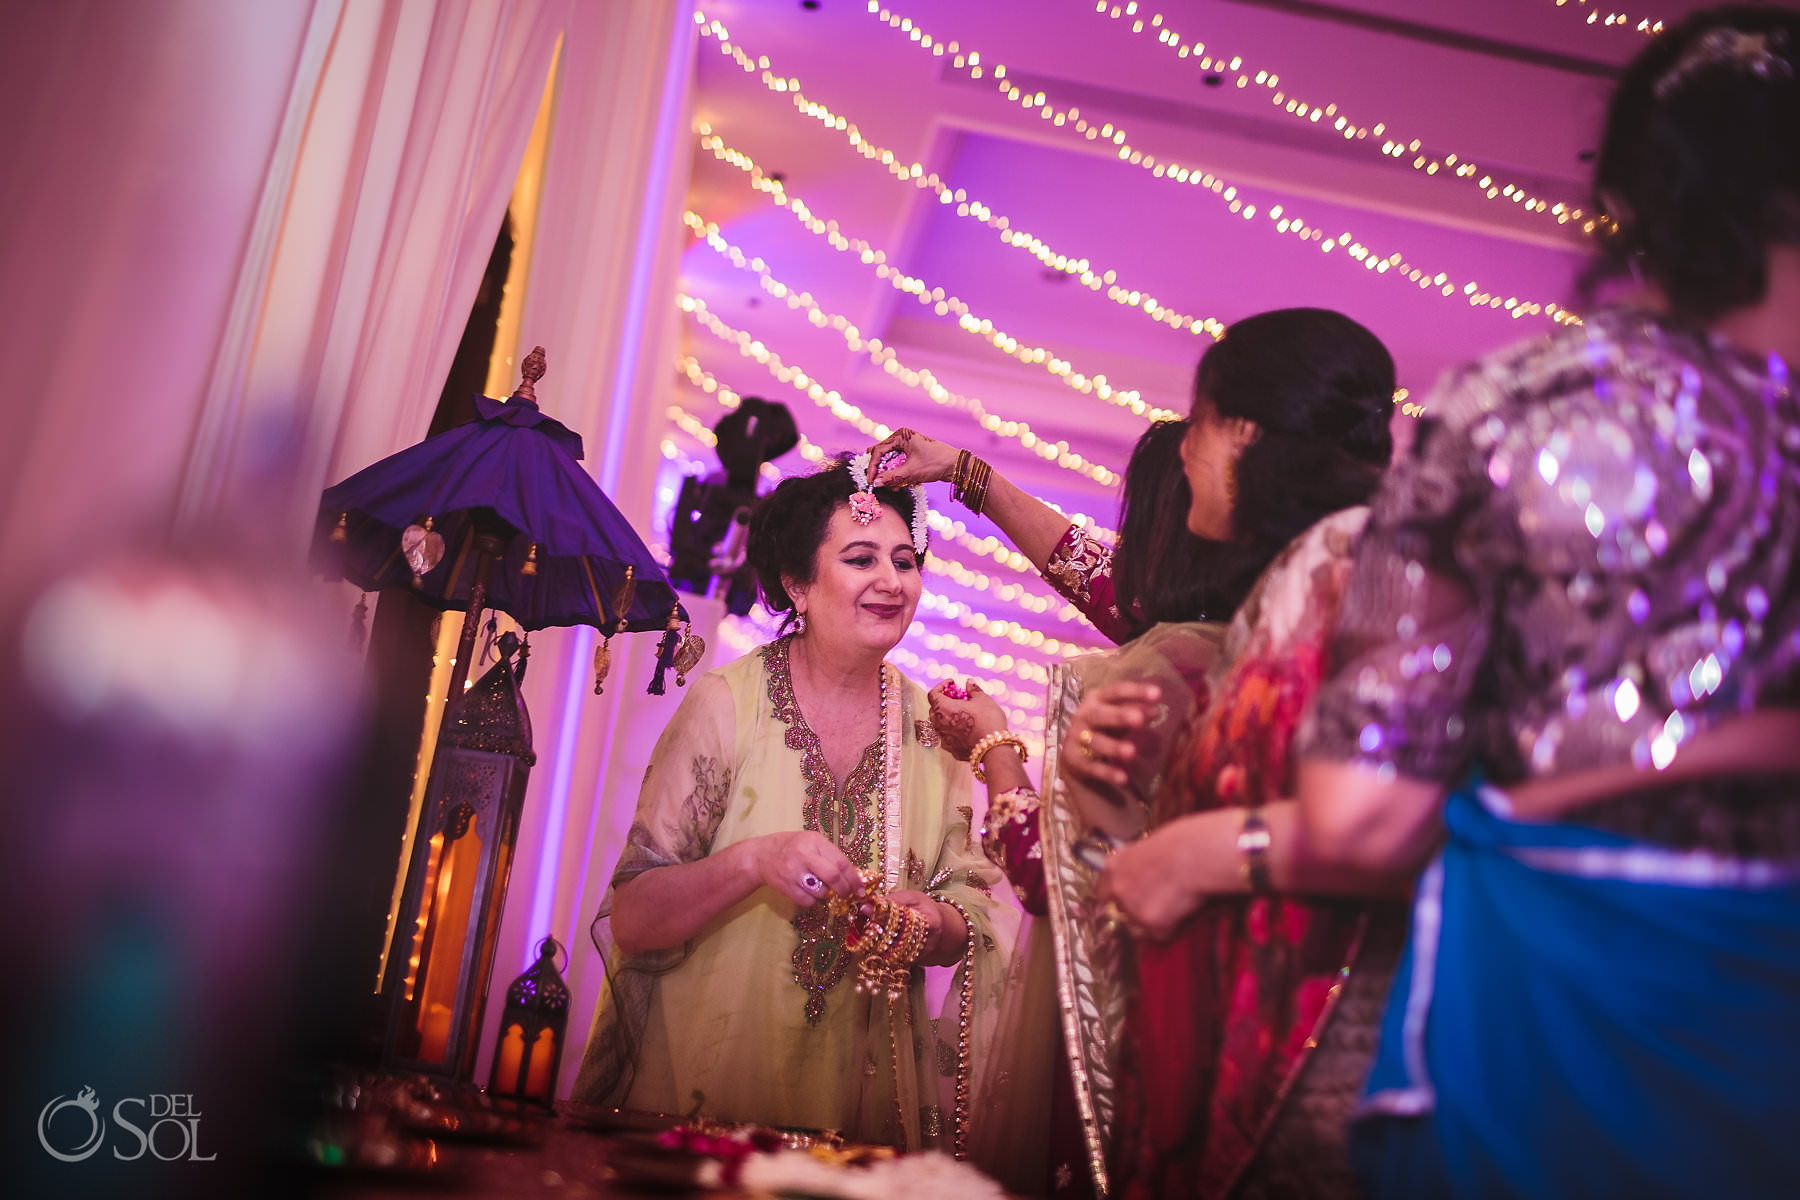 dulha-dulhan package sangeet mehendi Dreams Tulum Hindu wedding